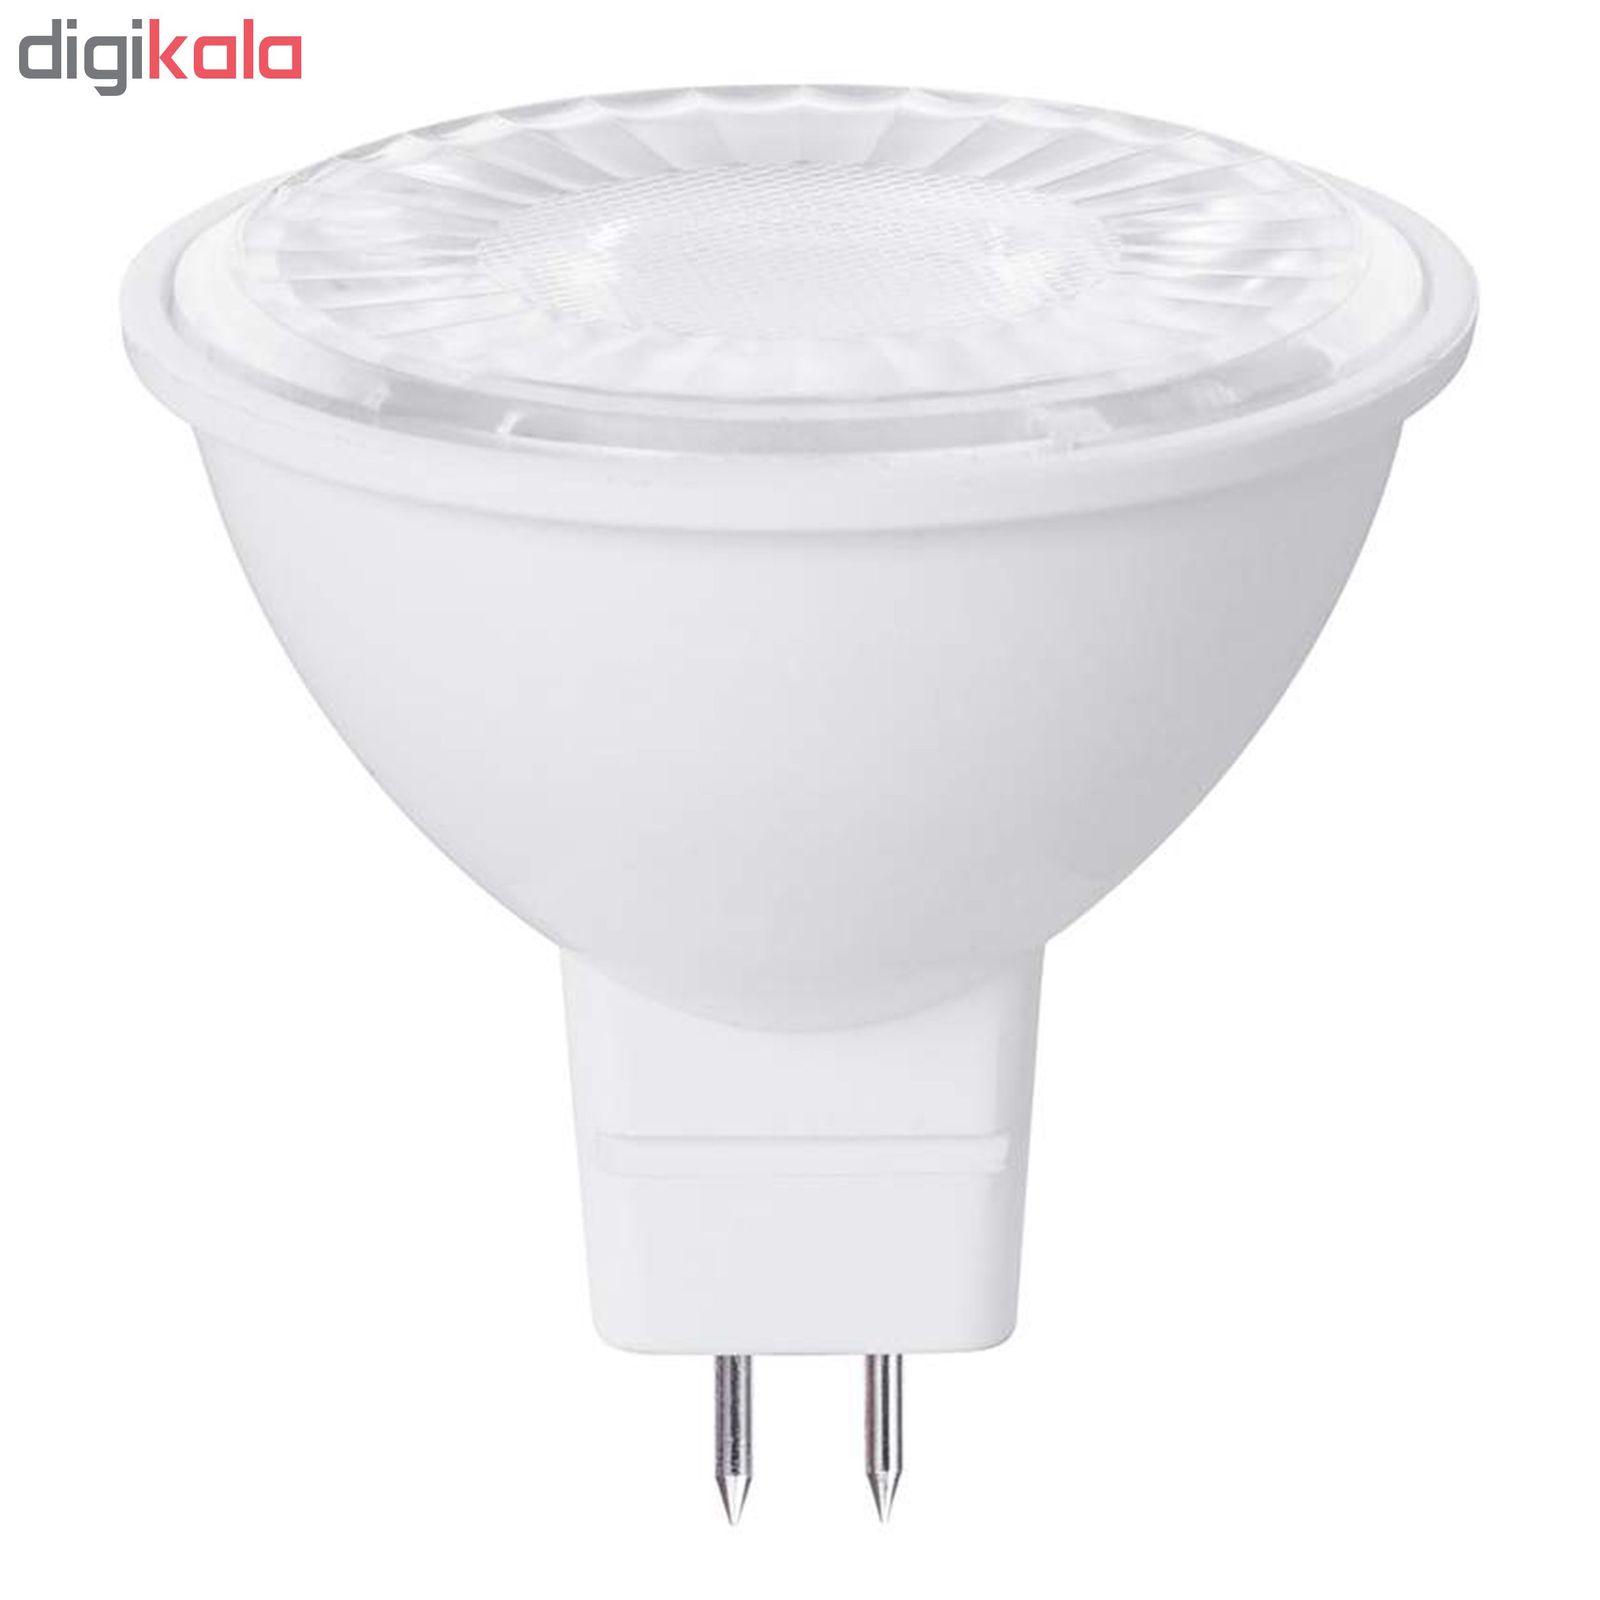 لامپ هالوژن 7 وات مدل FRQ پایه GU5.3 بسته 10 عددی main 1 1